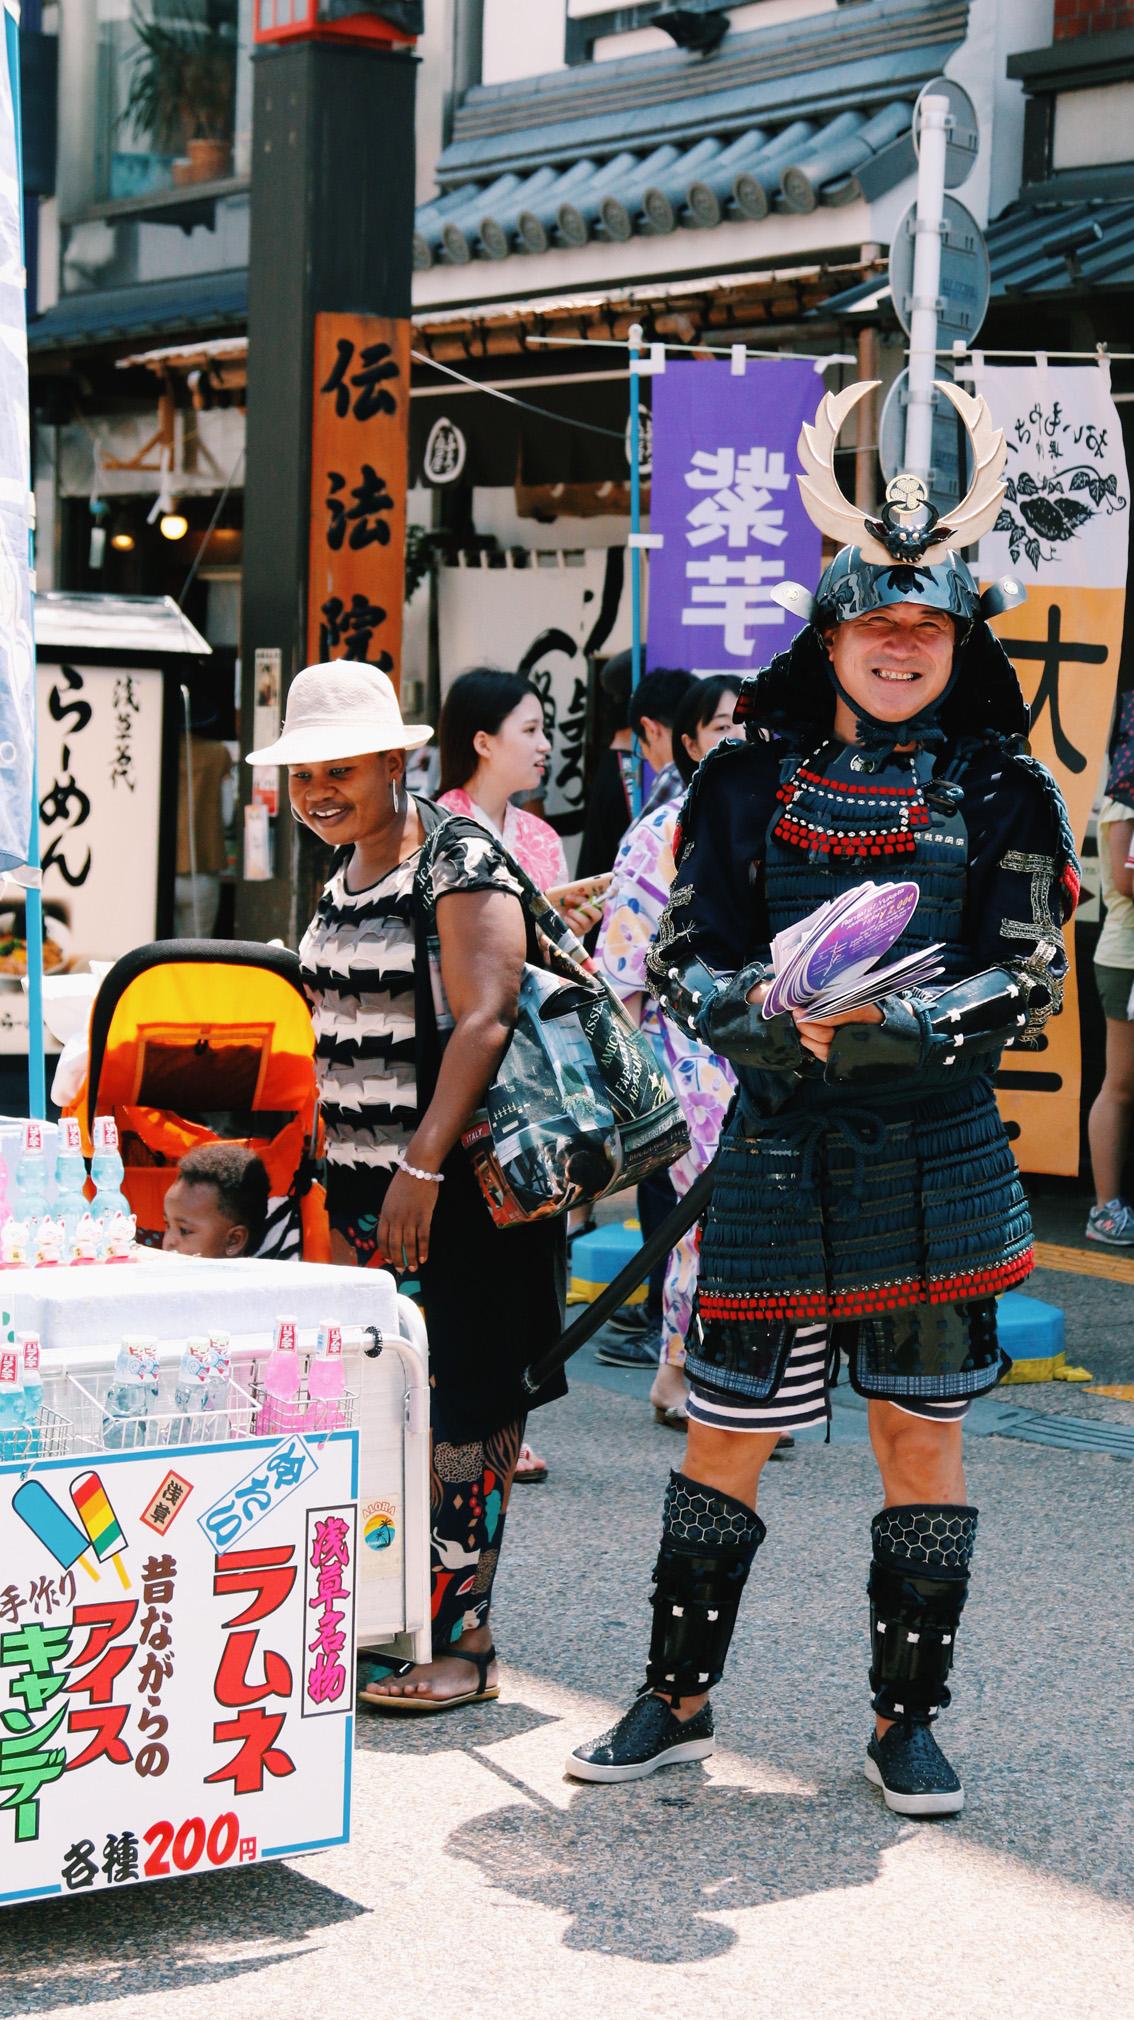 17 Giappotour 5: Tokyo, Sensō-ji Temple & Odaiba.